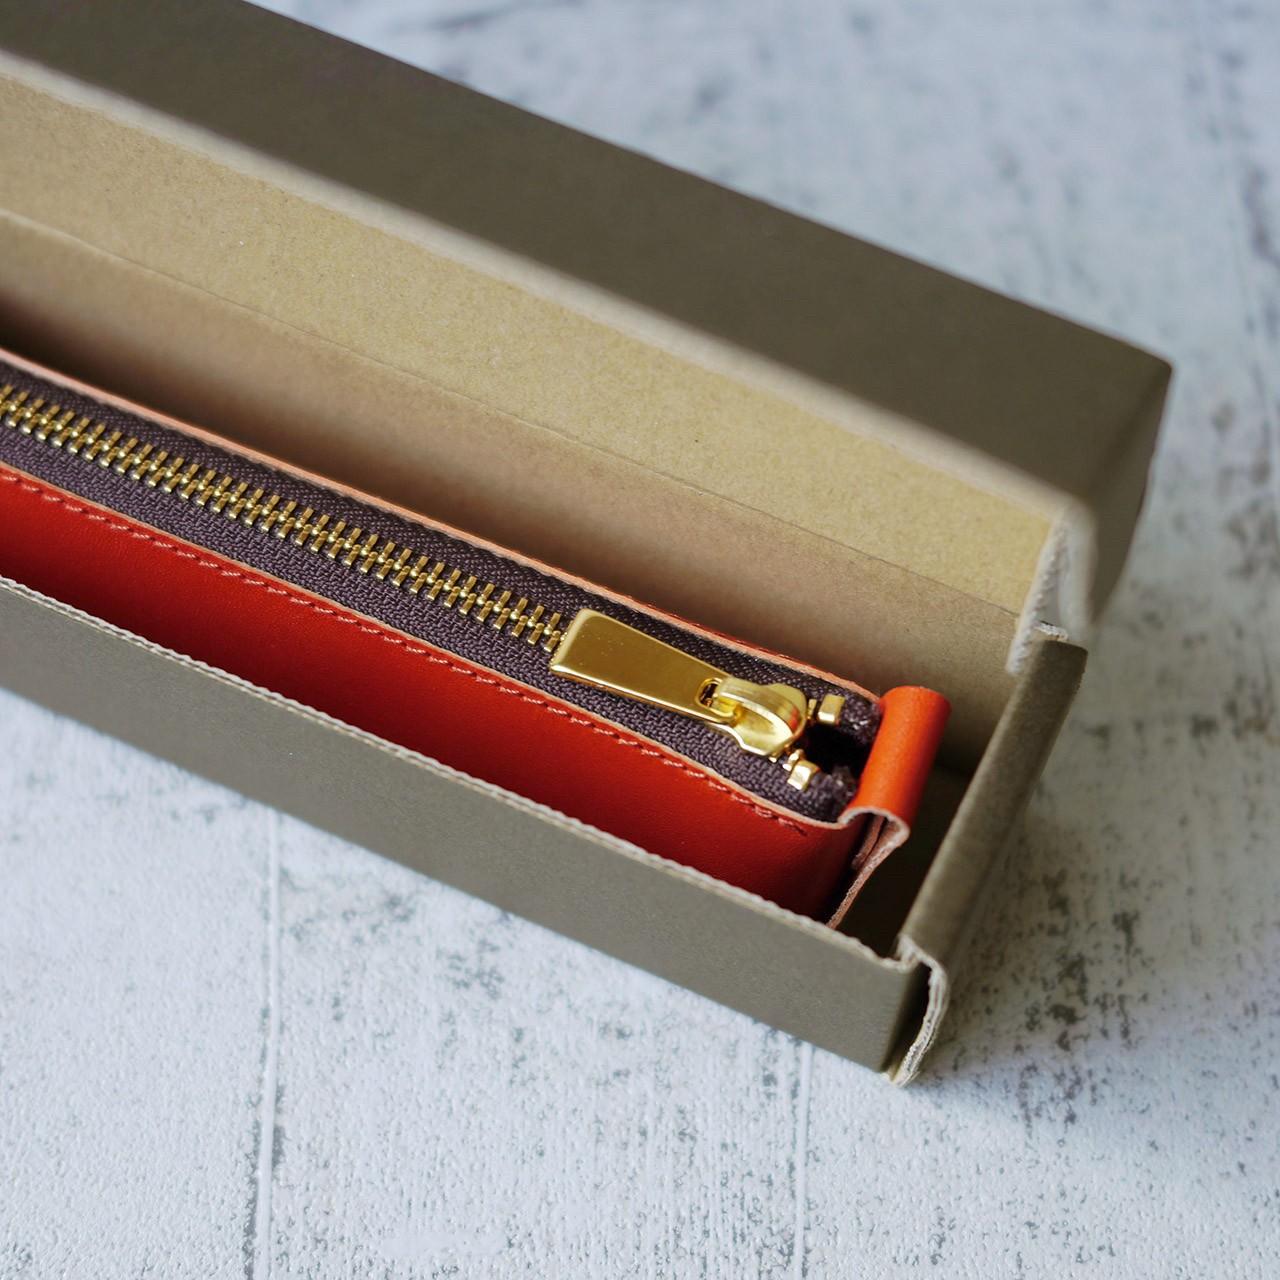 ツヤツヤ革のペンケースあります。ギフトにいかがでしょうか?